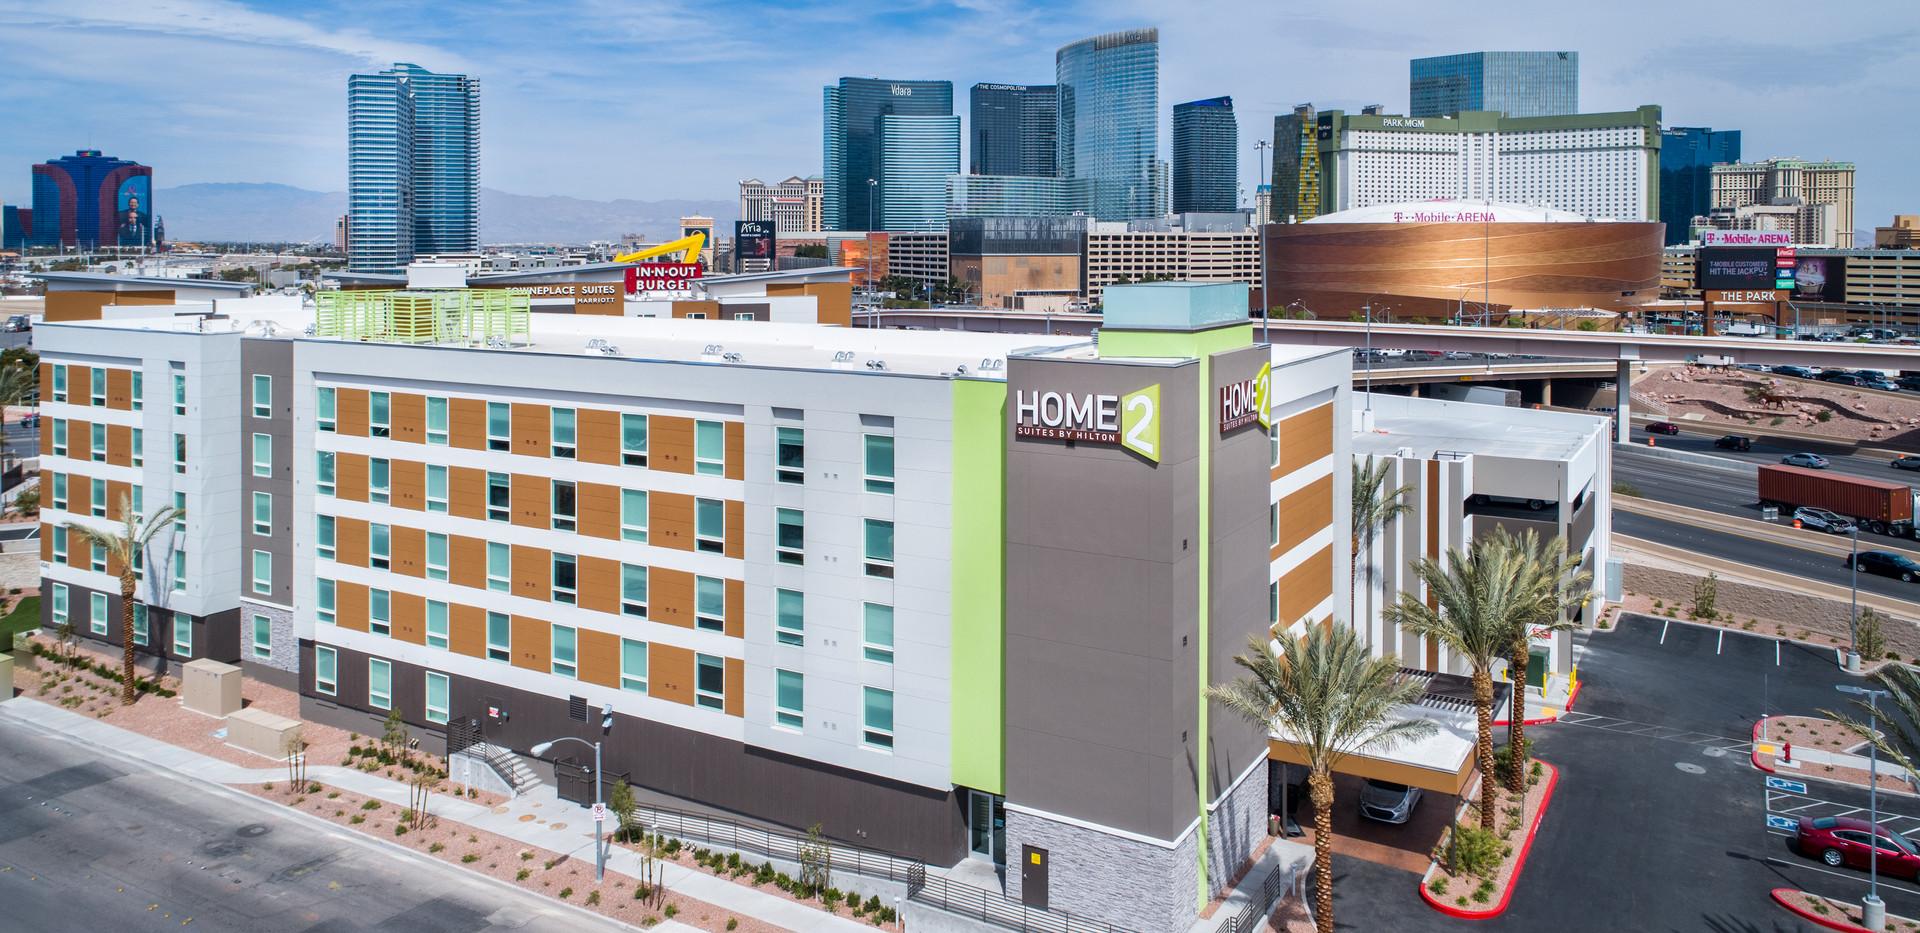 Home2_Towneplace_Vegas_Stills (3).jpg